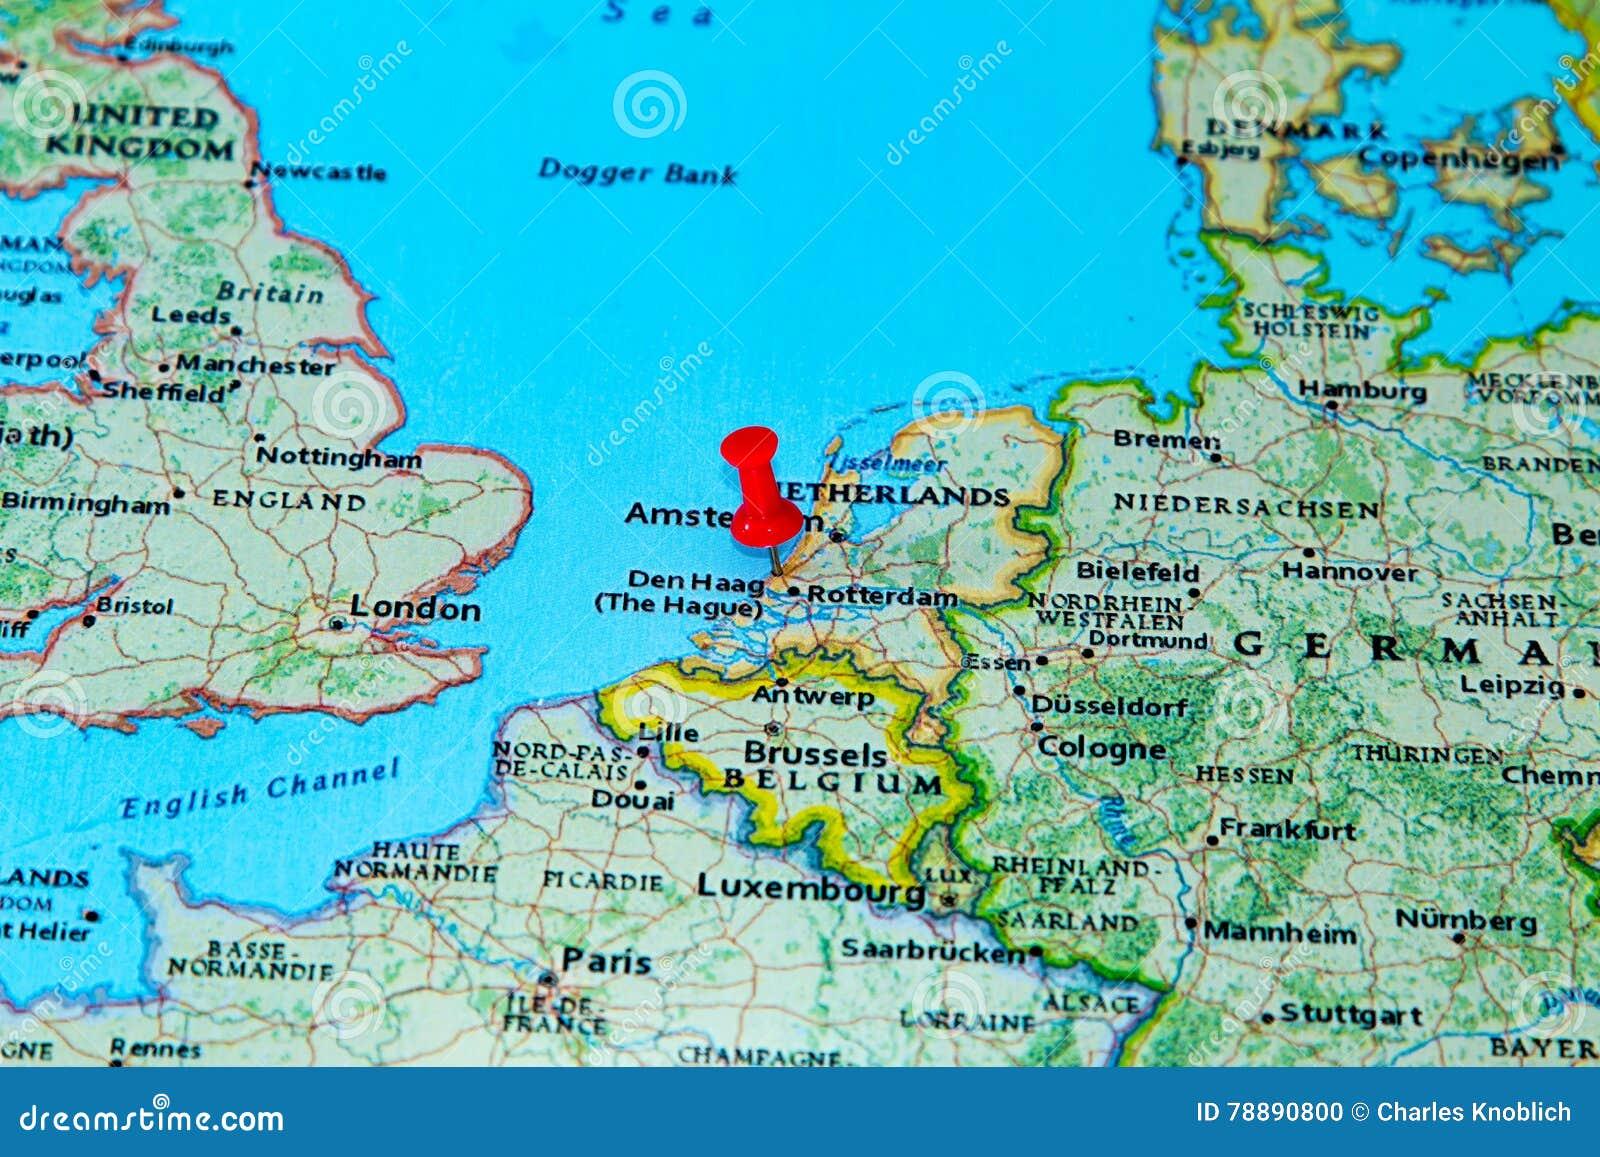 Carte Europe Pays Bas.La Haye Pays Bas A Goupille Sur Une Carte De L Europe Photo Stock